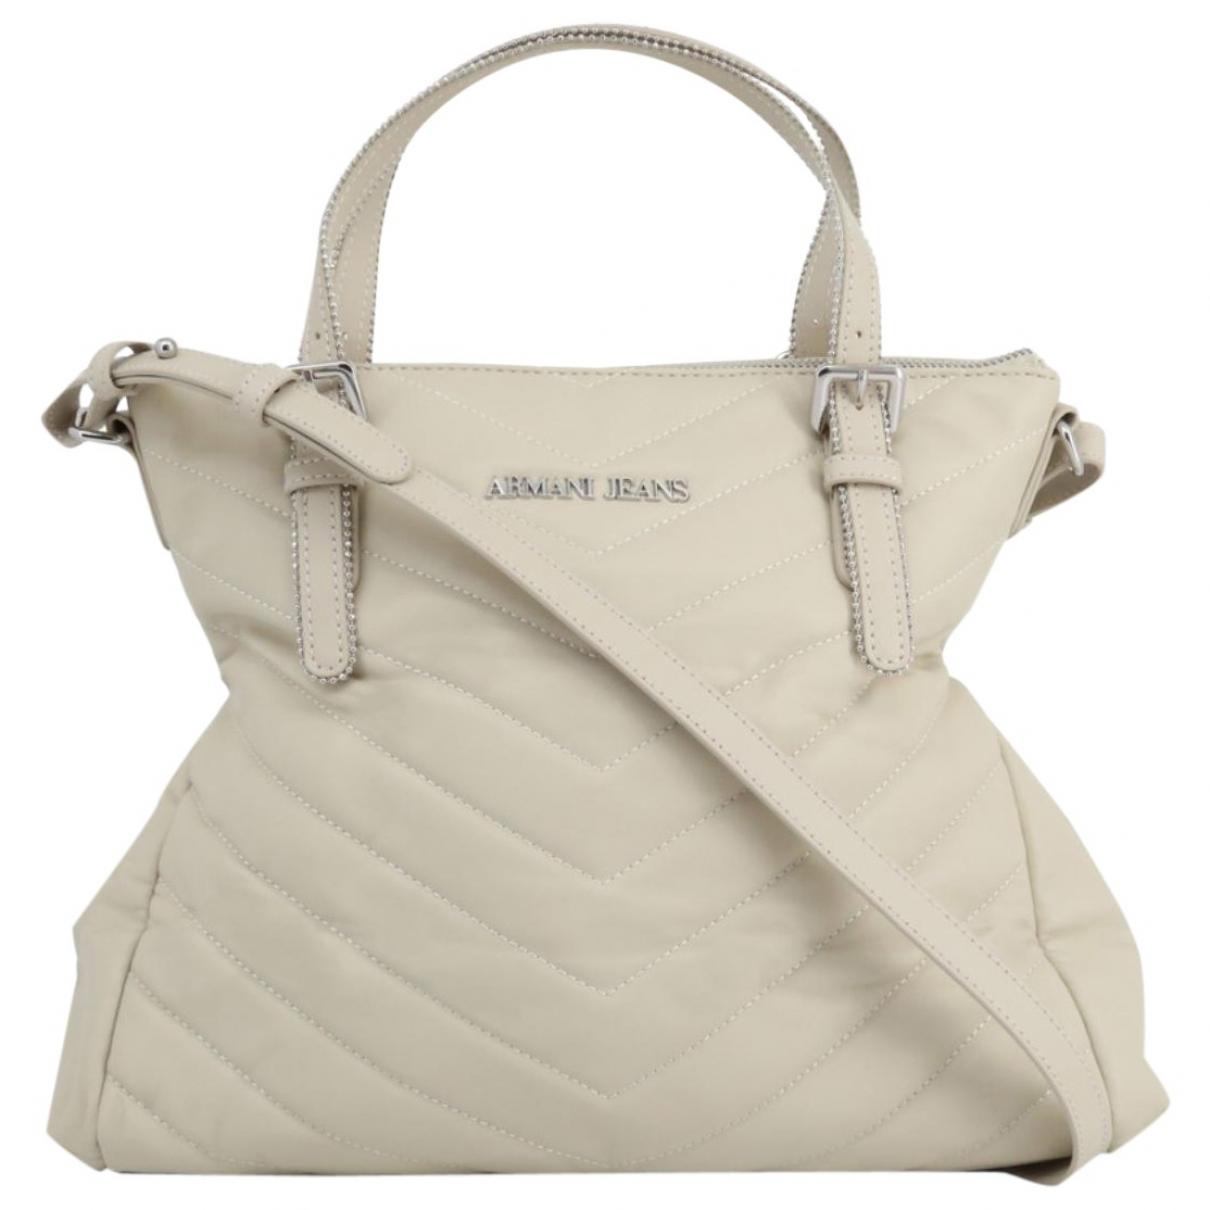 Armani Jeans \N Handtasche in  Beige Leder